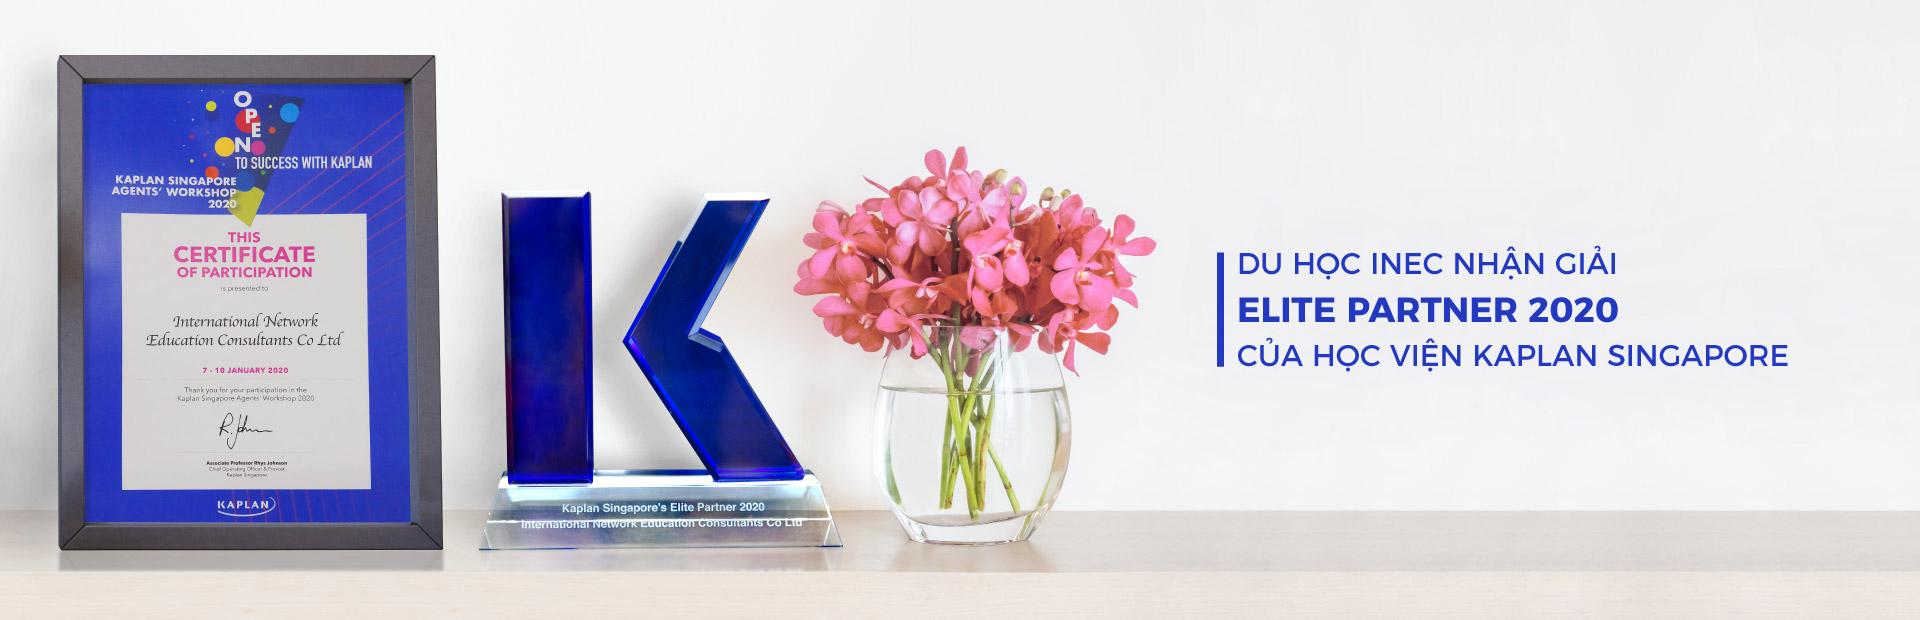 Kaplan award